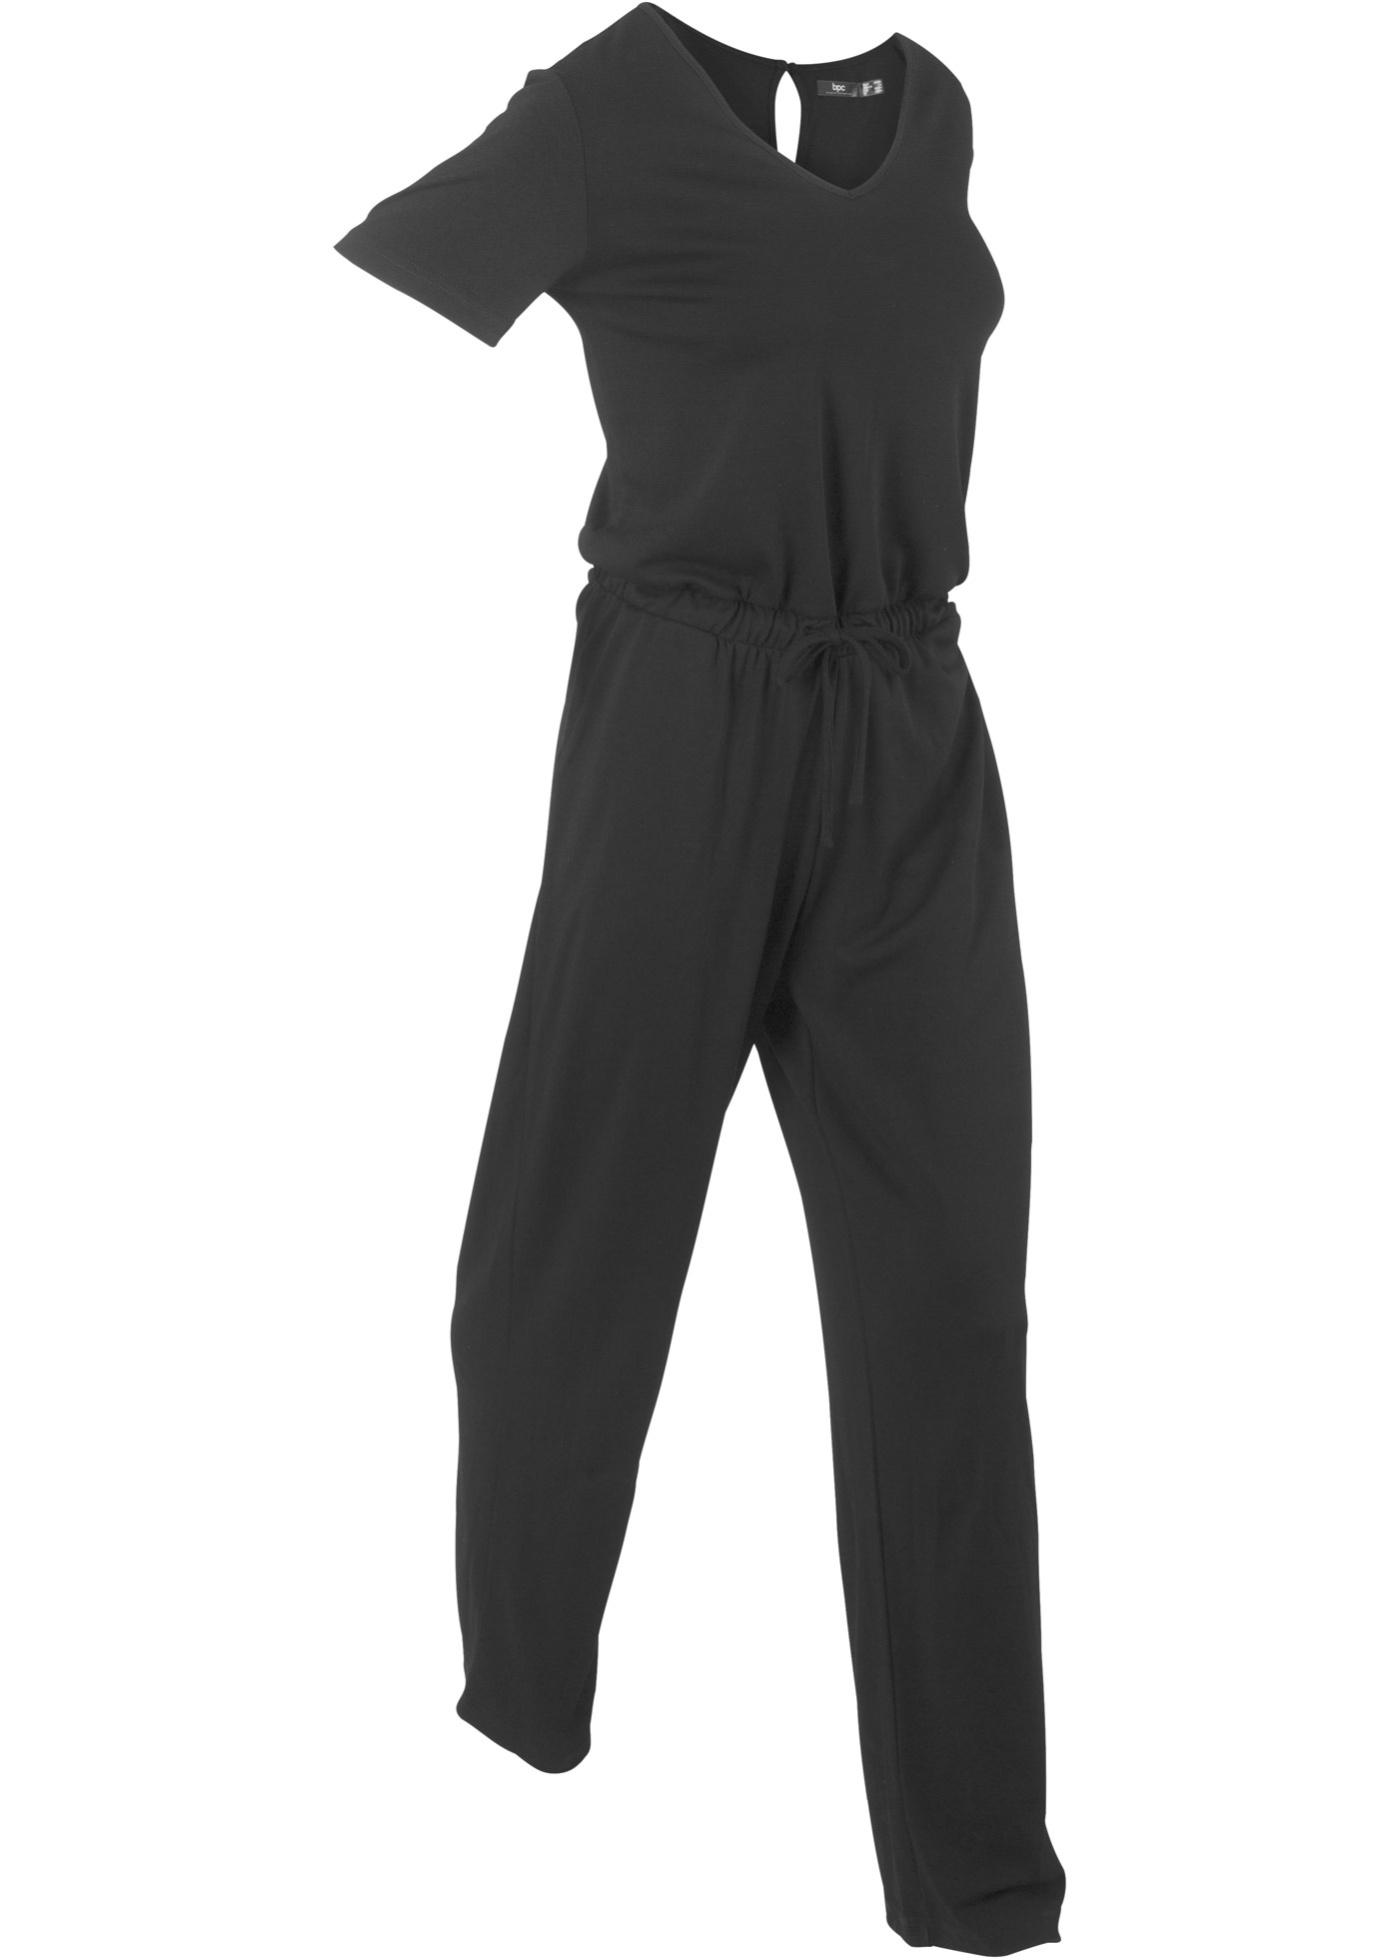 CollectionCombi Courtes Bonprix Manches Bpc Noir Pour Femme Pantalon mN0wy8nOvP